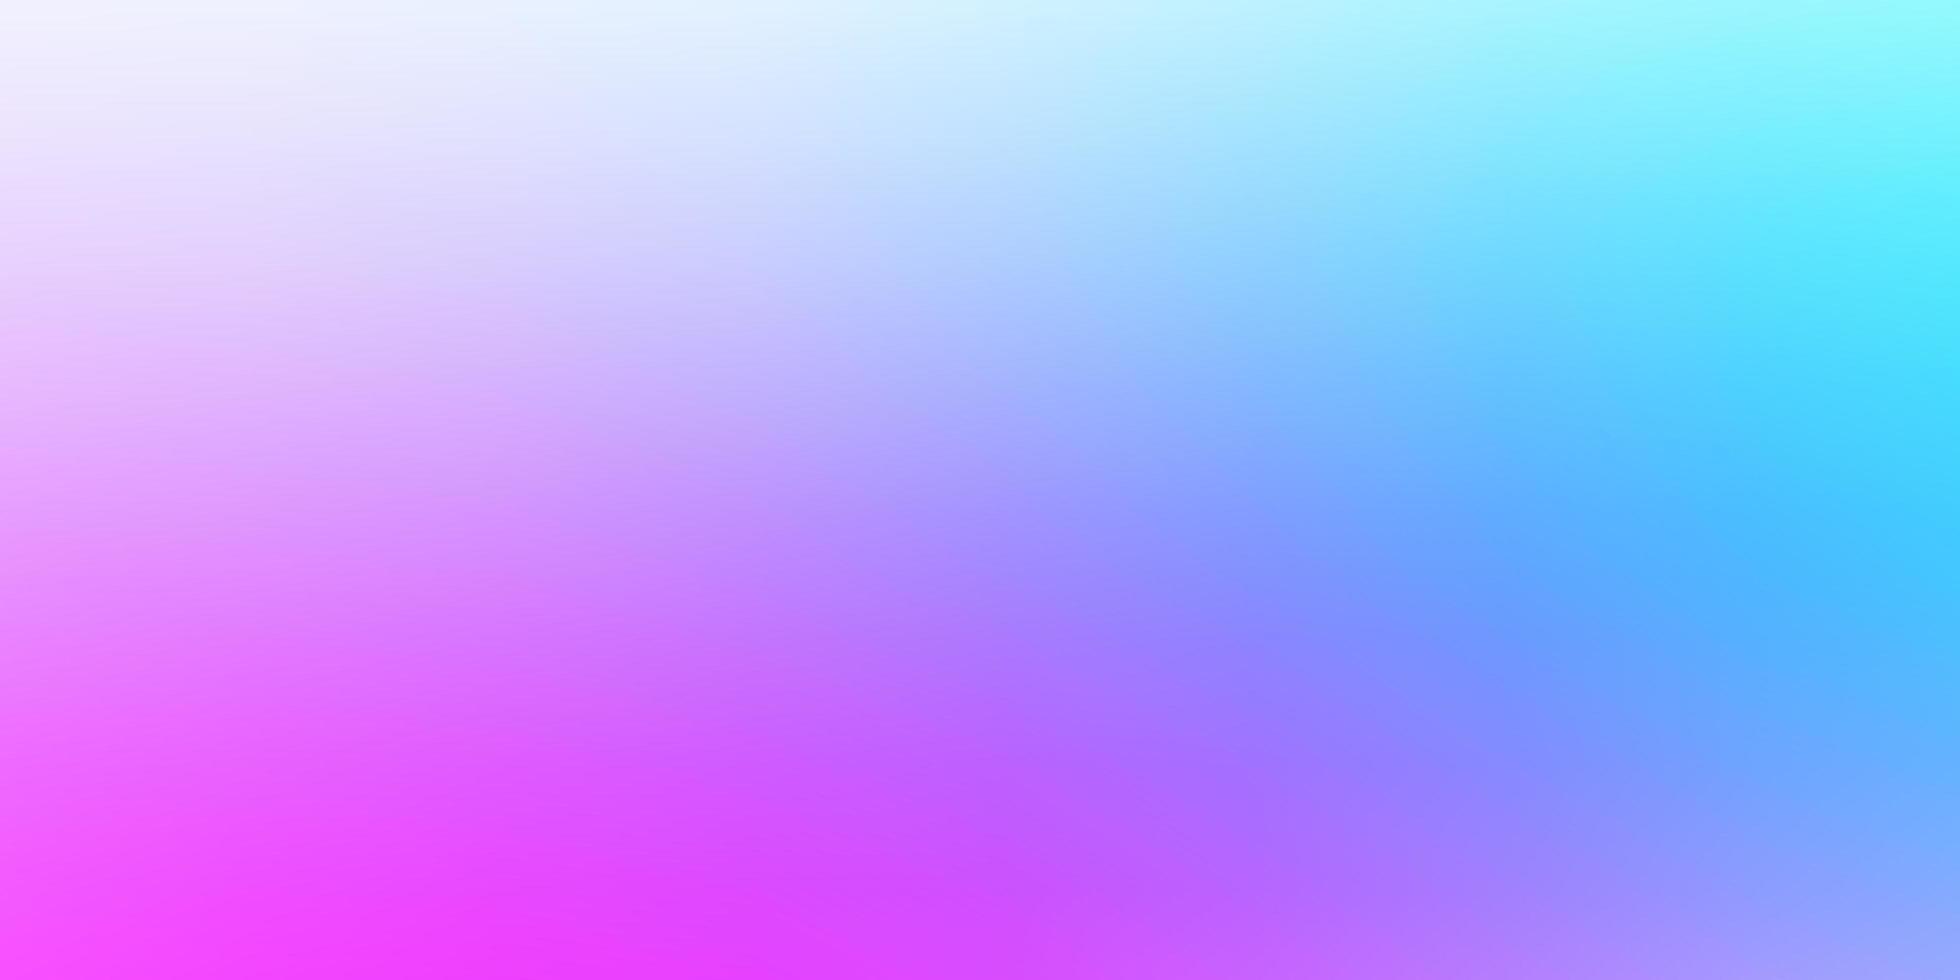 sfondo sfocato astratto vettoriale rosa chiaro, blu.